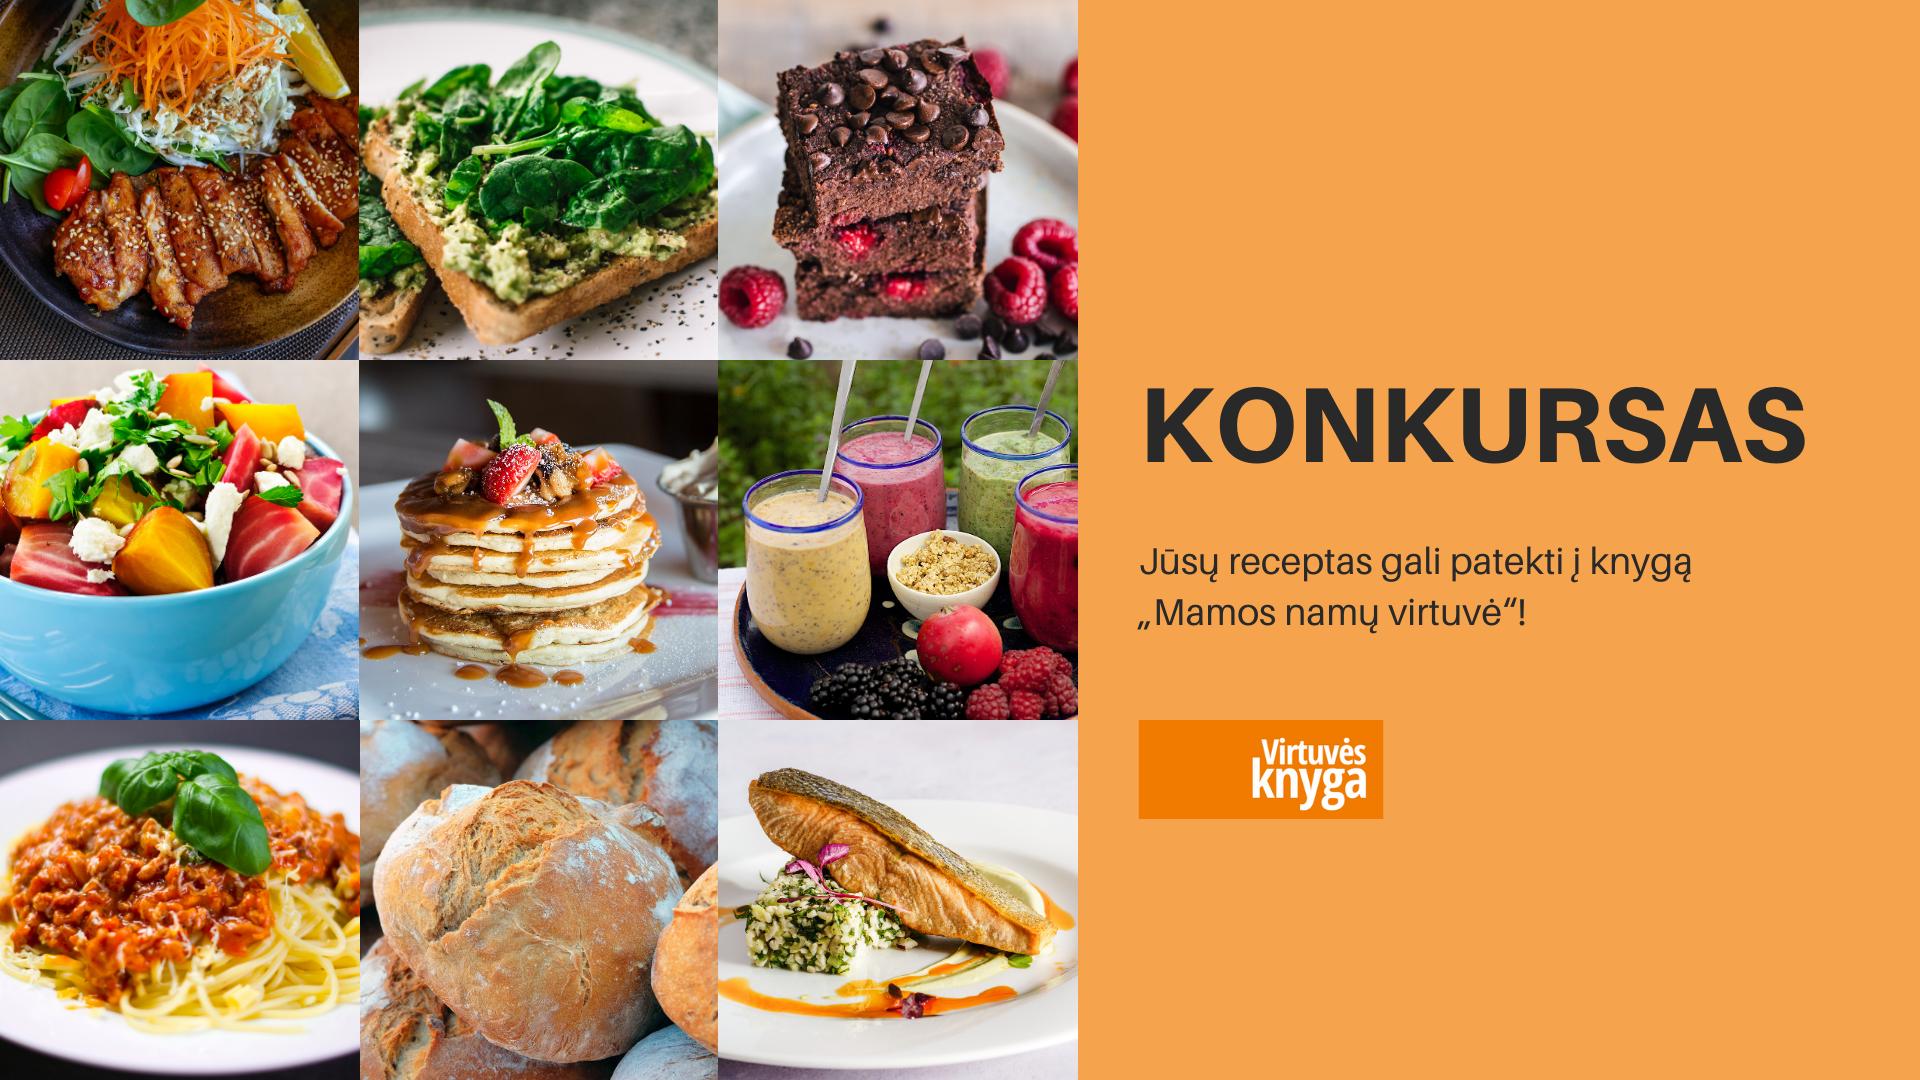 konkursas_mamos namu virtuve_virtuves knyga